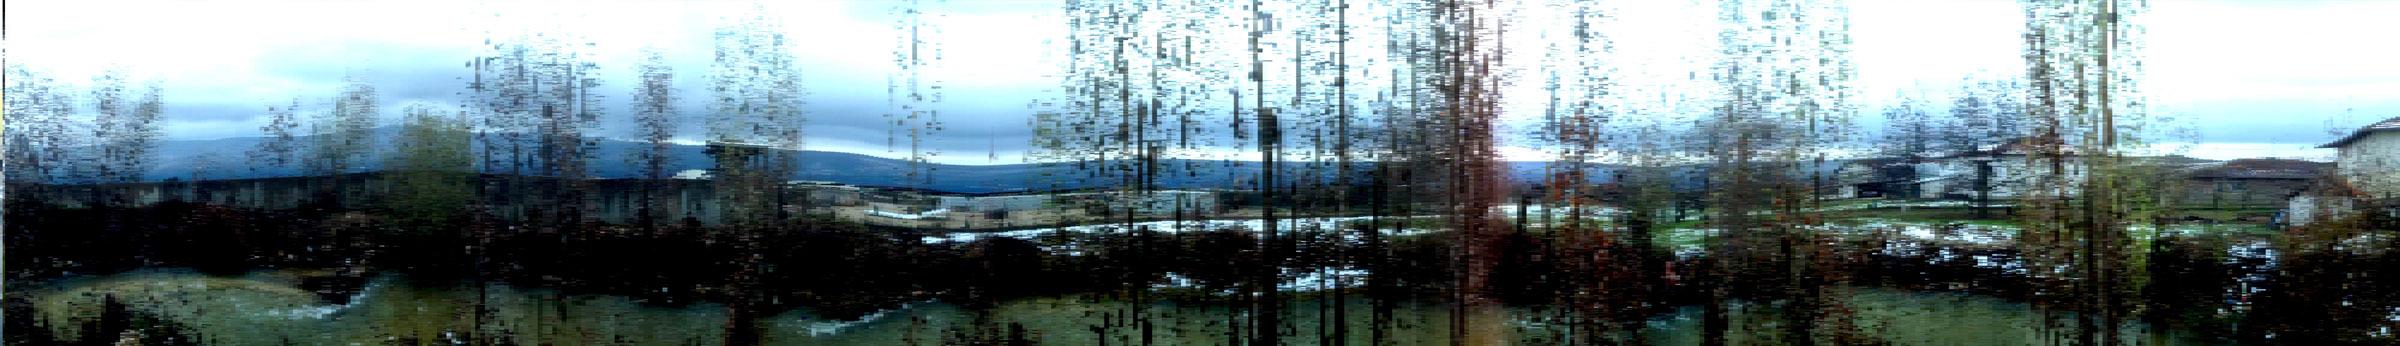 johann moser - timebased landscape 18-1